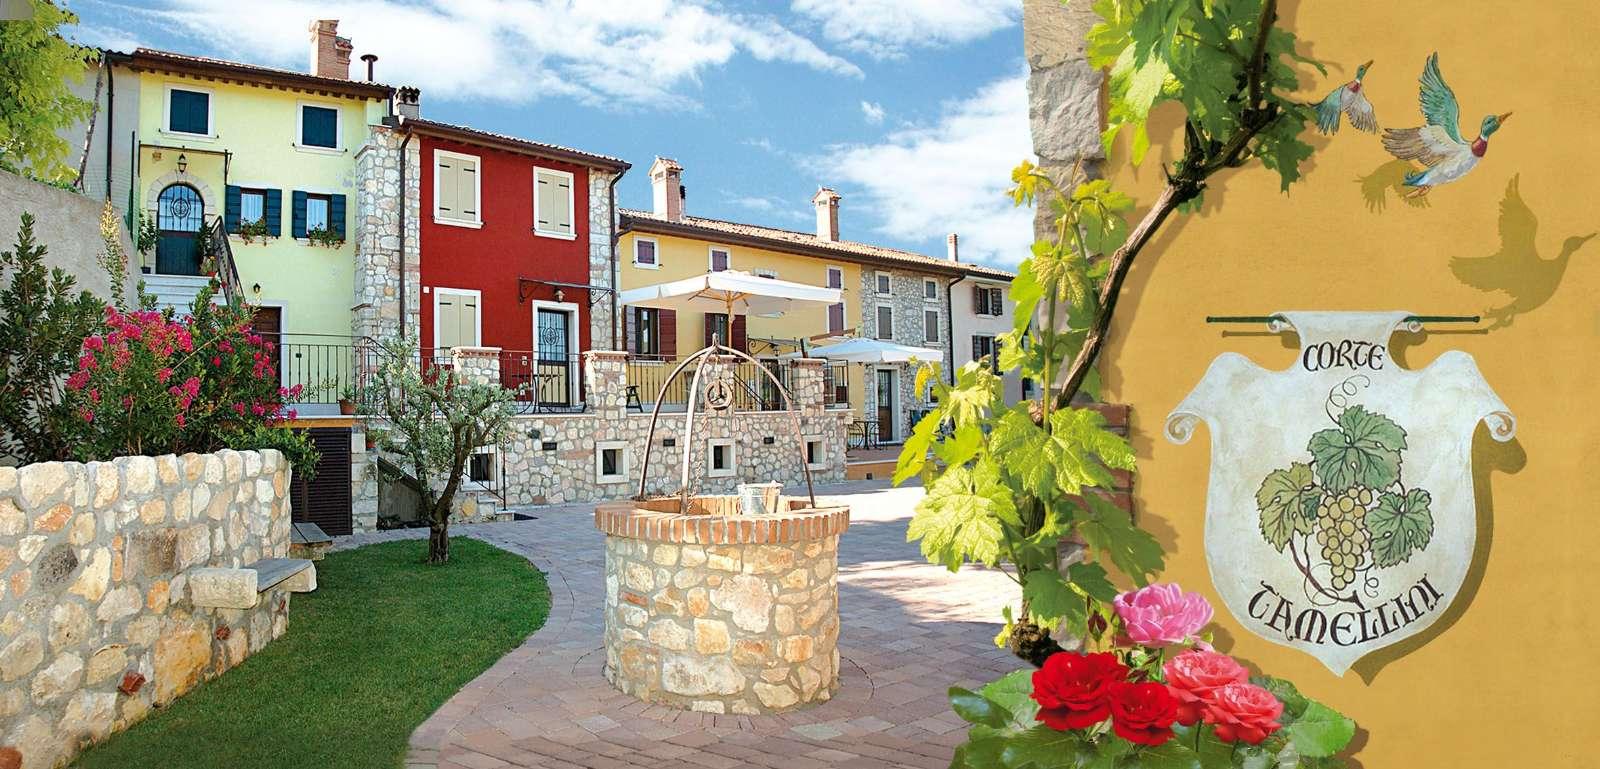 Le bâtiment jaune à gauche est Da Enso, le bâtiment rouge est Da Tina, tandis que La Stalla et Il Fienile se trouvent dans le bâtiment orange